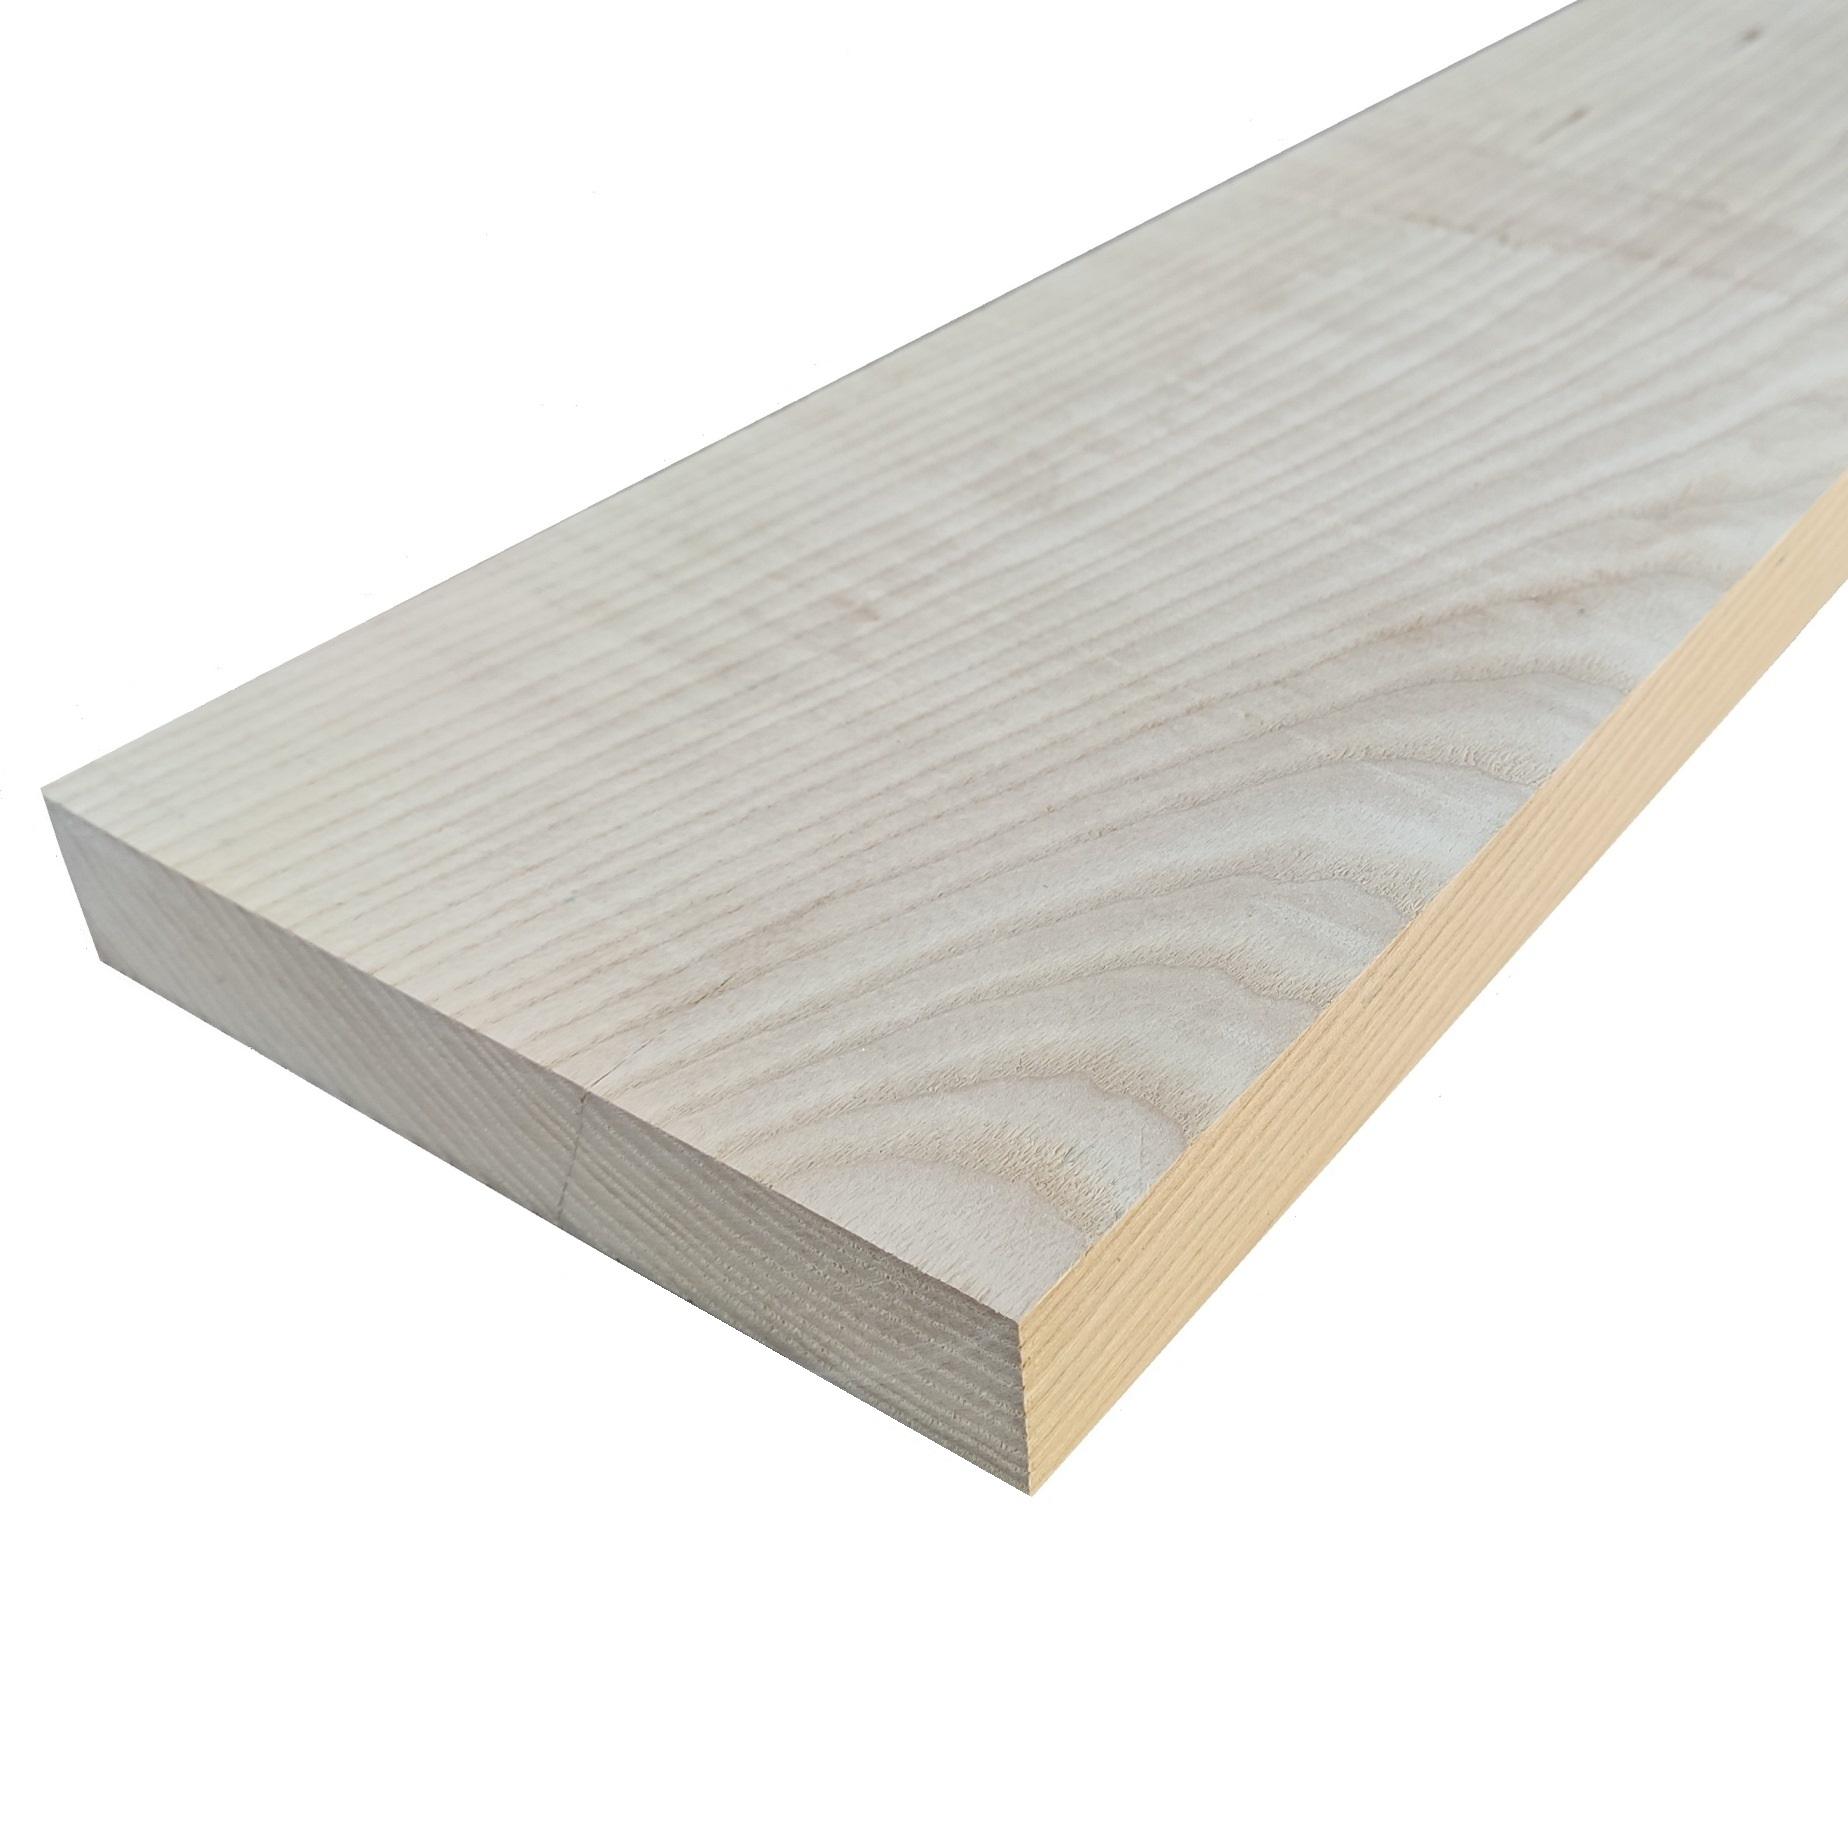 Tavole Legno Di Frassino Piallate Spessore 20 Mm Tavola Frassino Americano Bianco Piallata 2 1 X 18 X 240 Cm